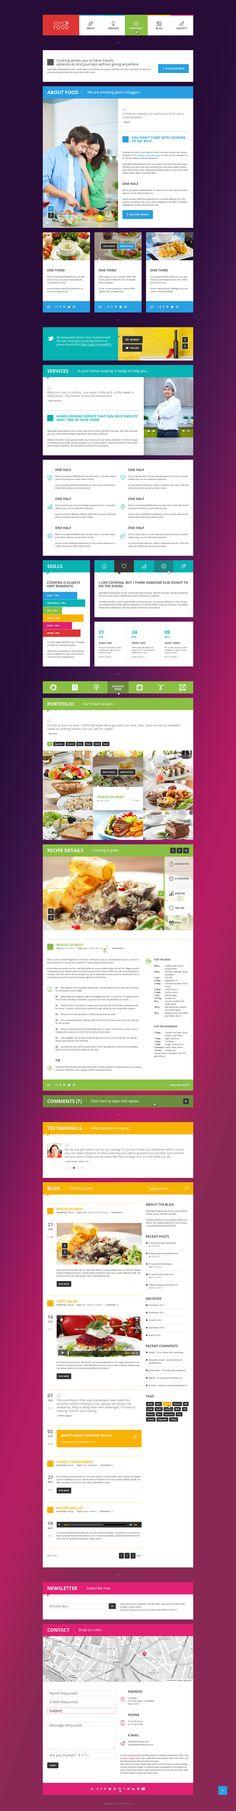 Food - Metro style Food & Restaurant PSD - Food - Metro style Food & Restaurant PSD Single Page.  Home.